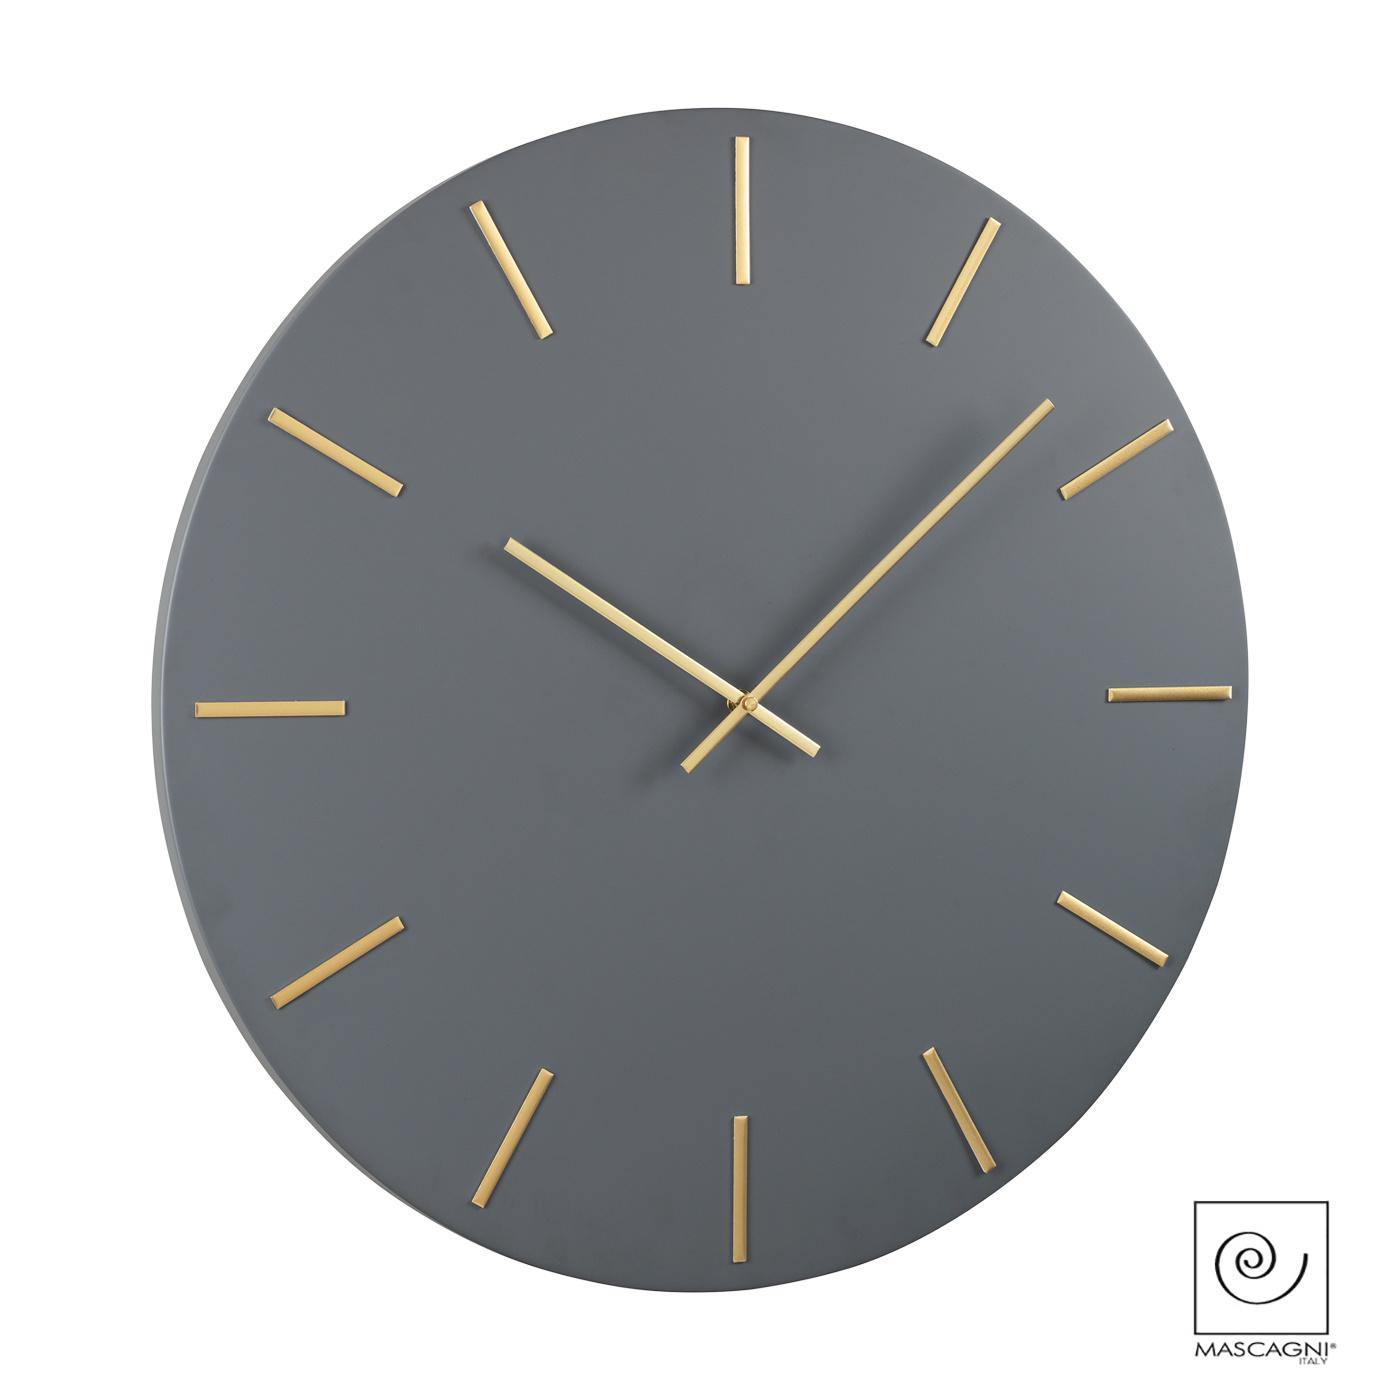 Art Mascagni M584 CLOCK DIAM.60